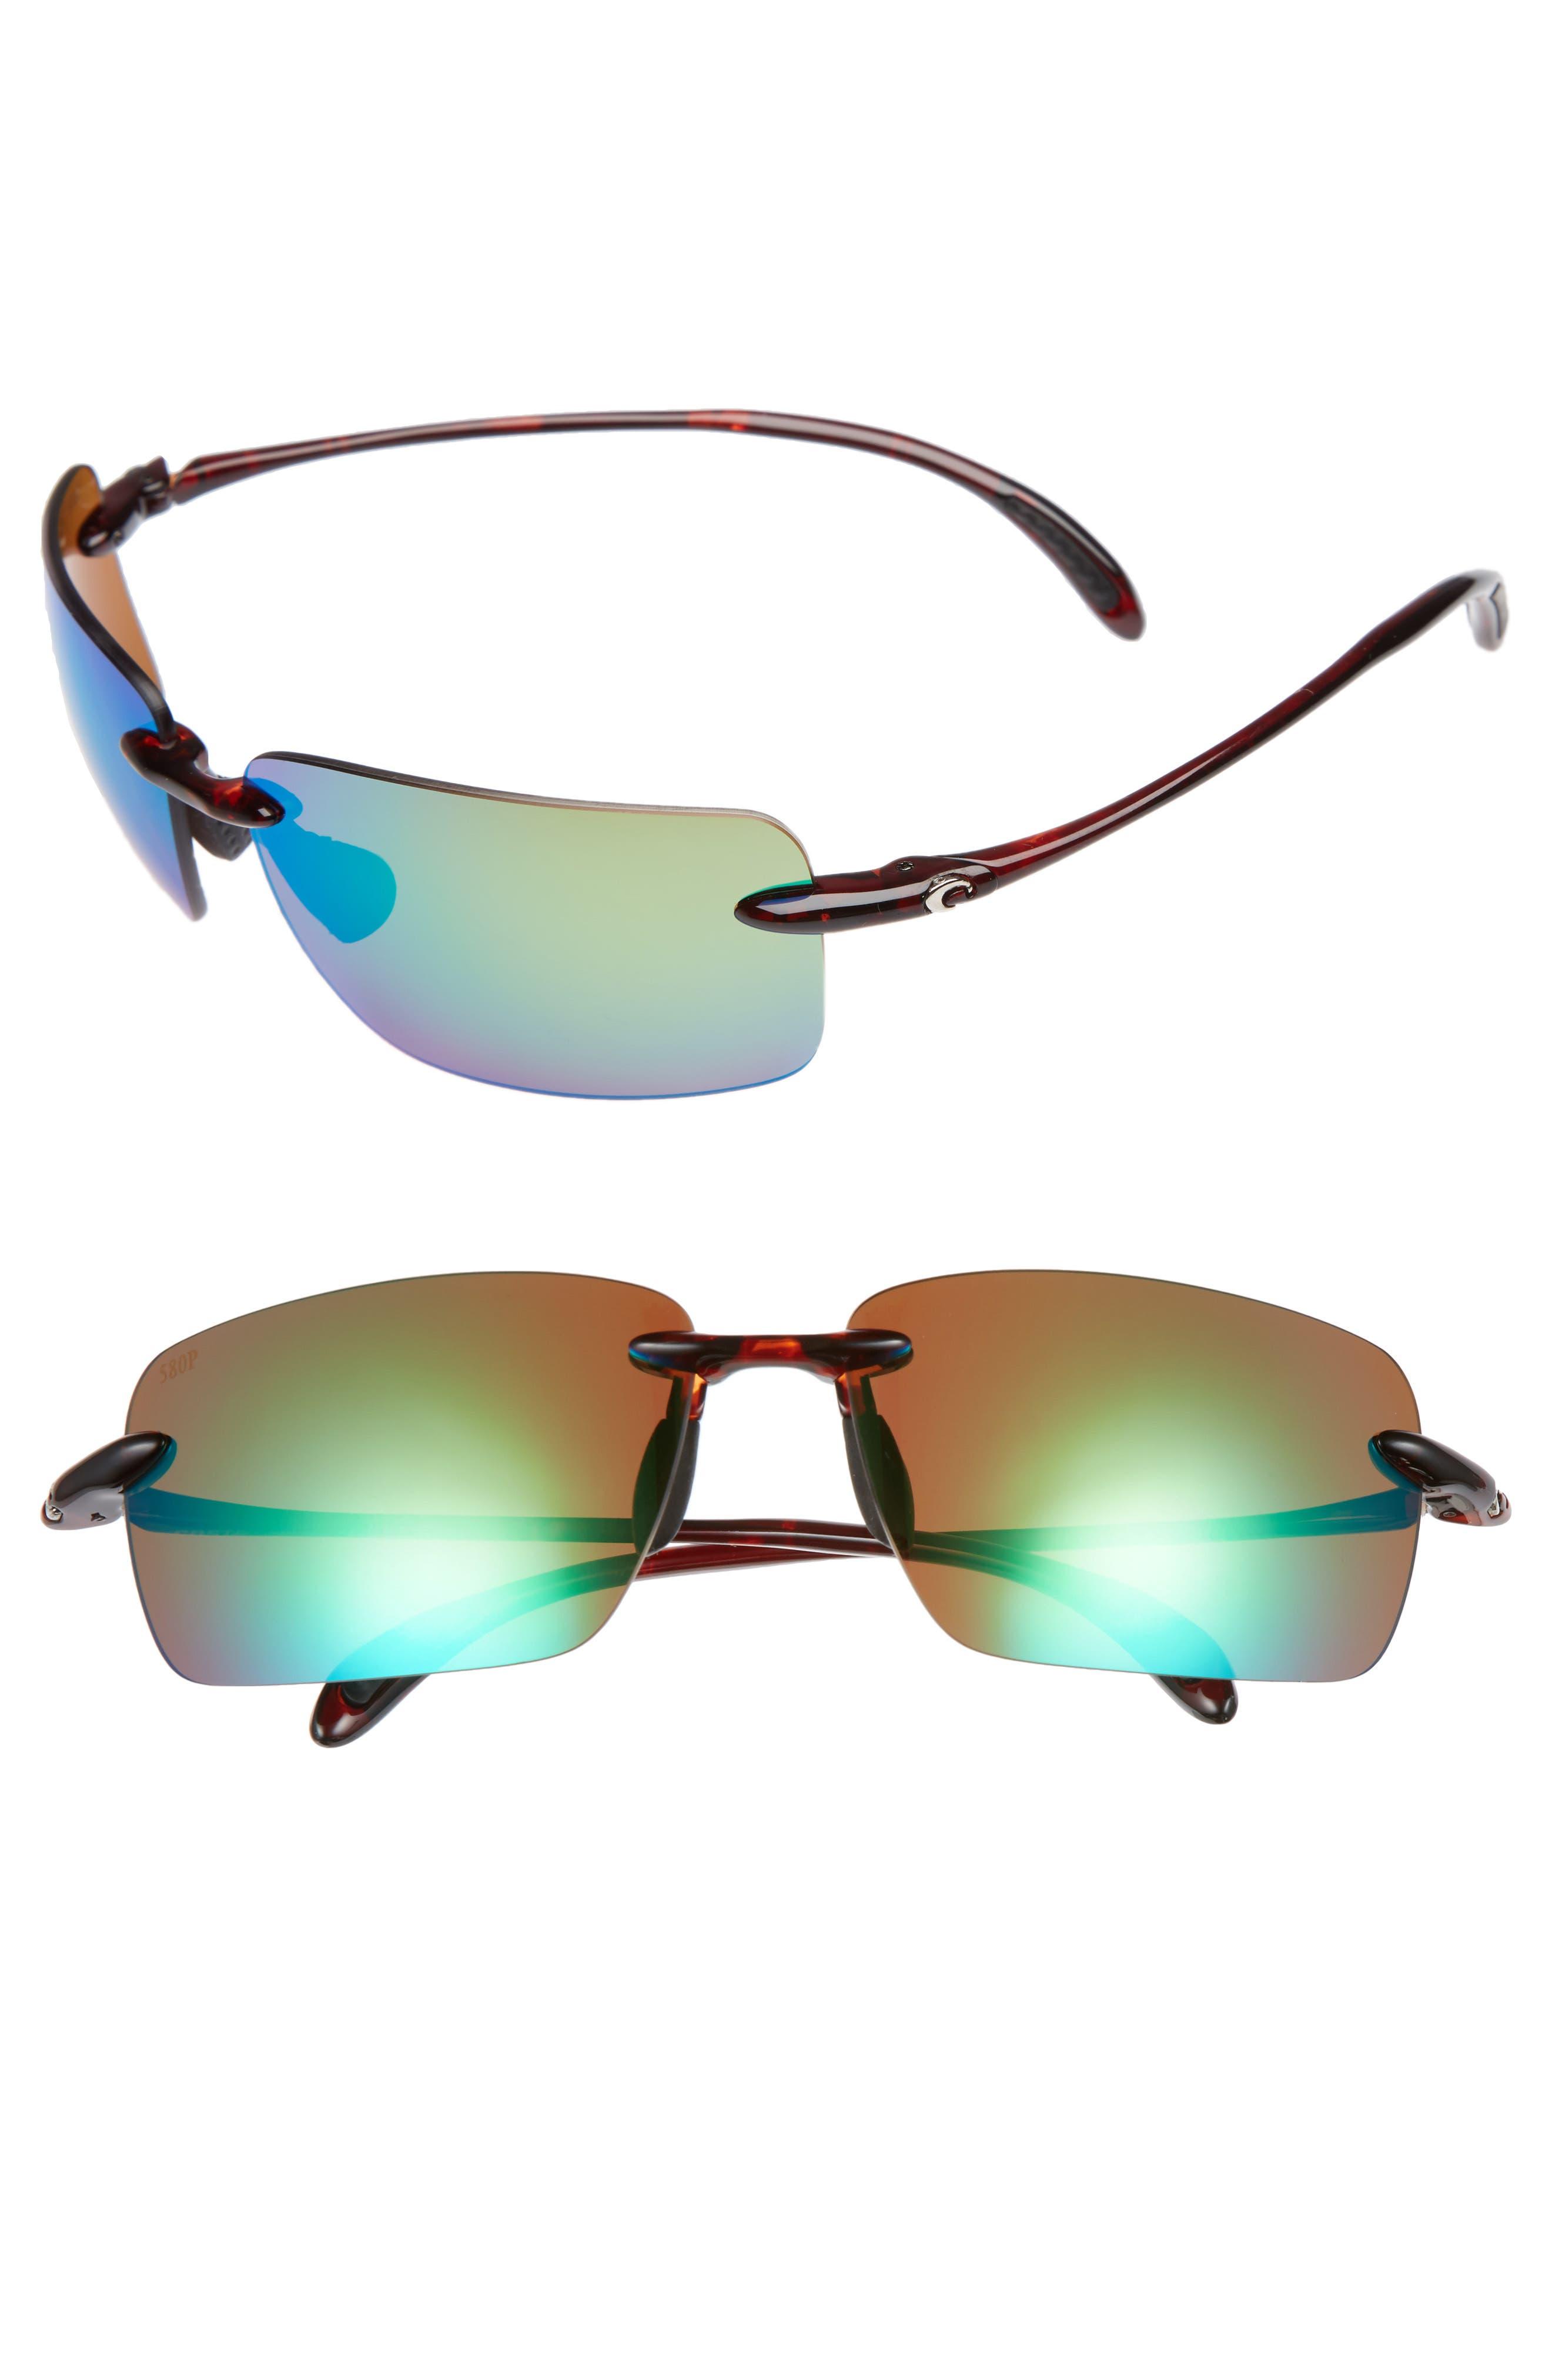 Gulfshore XL 66mm Polarized Sunglasses,                         Main,                         color, Tortoise/ Green Mirror